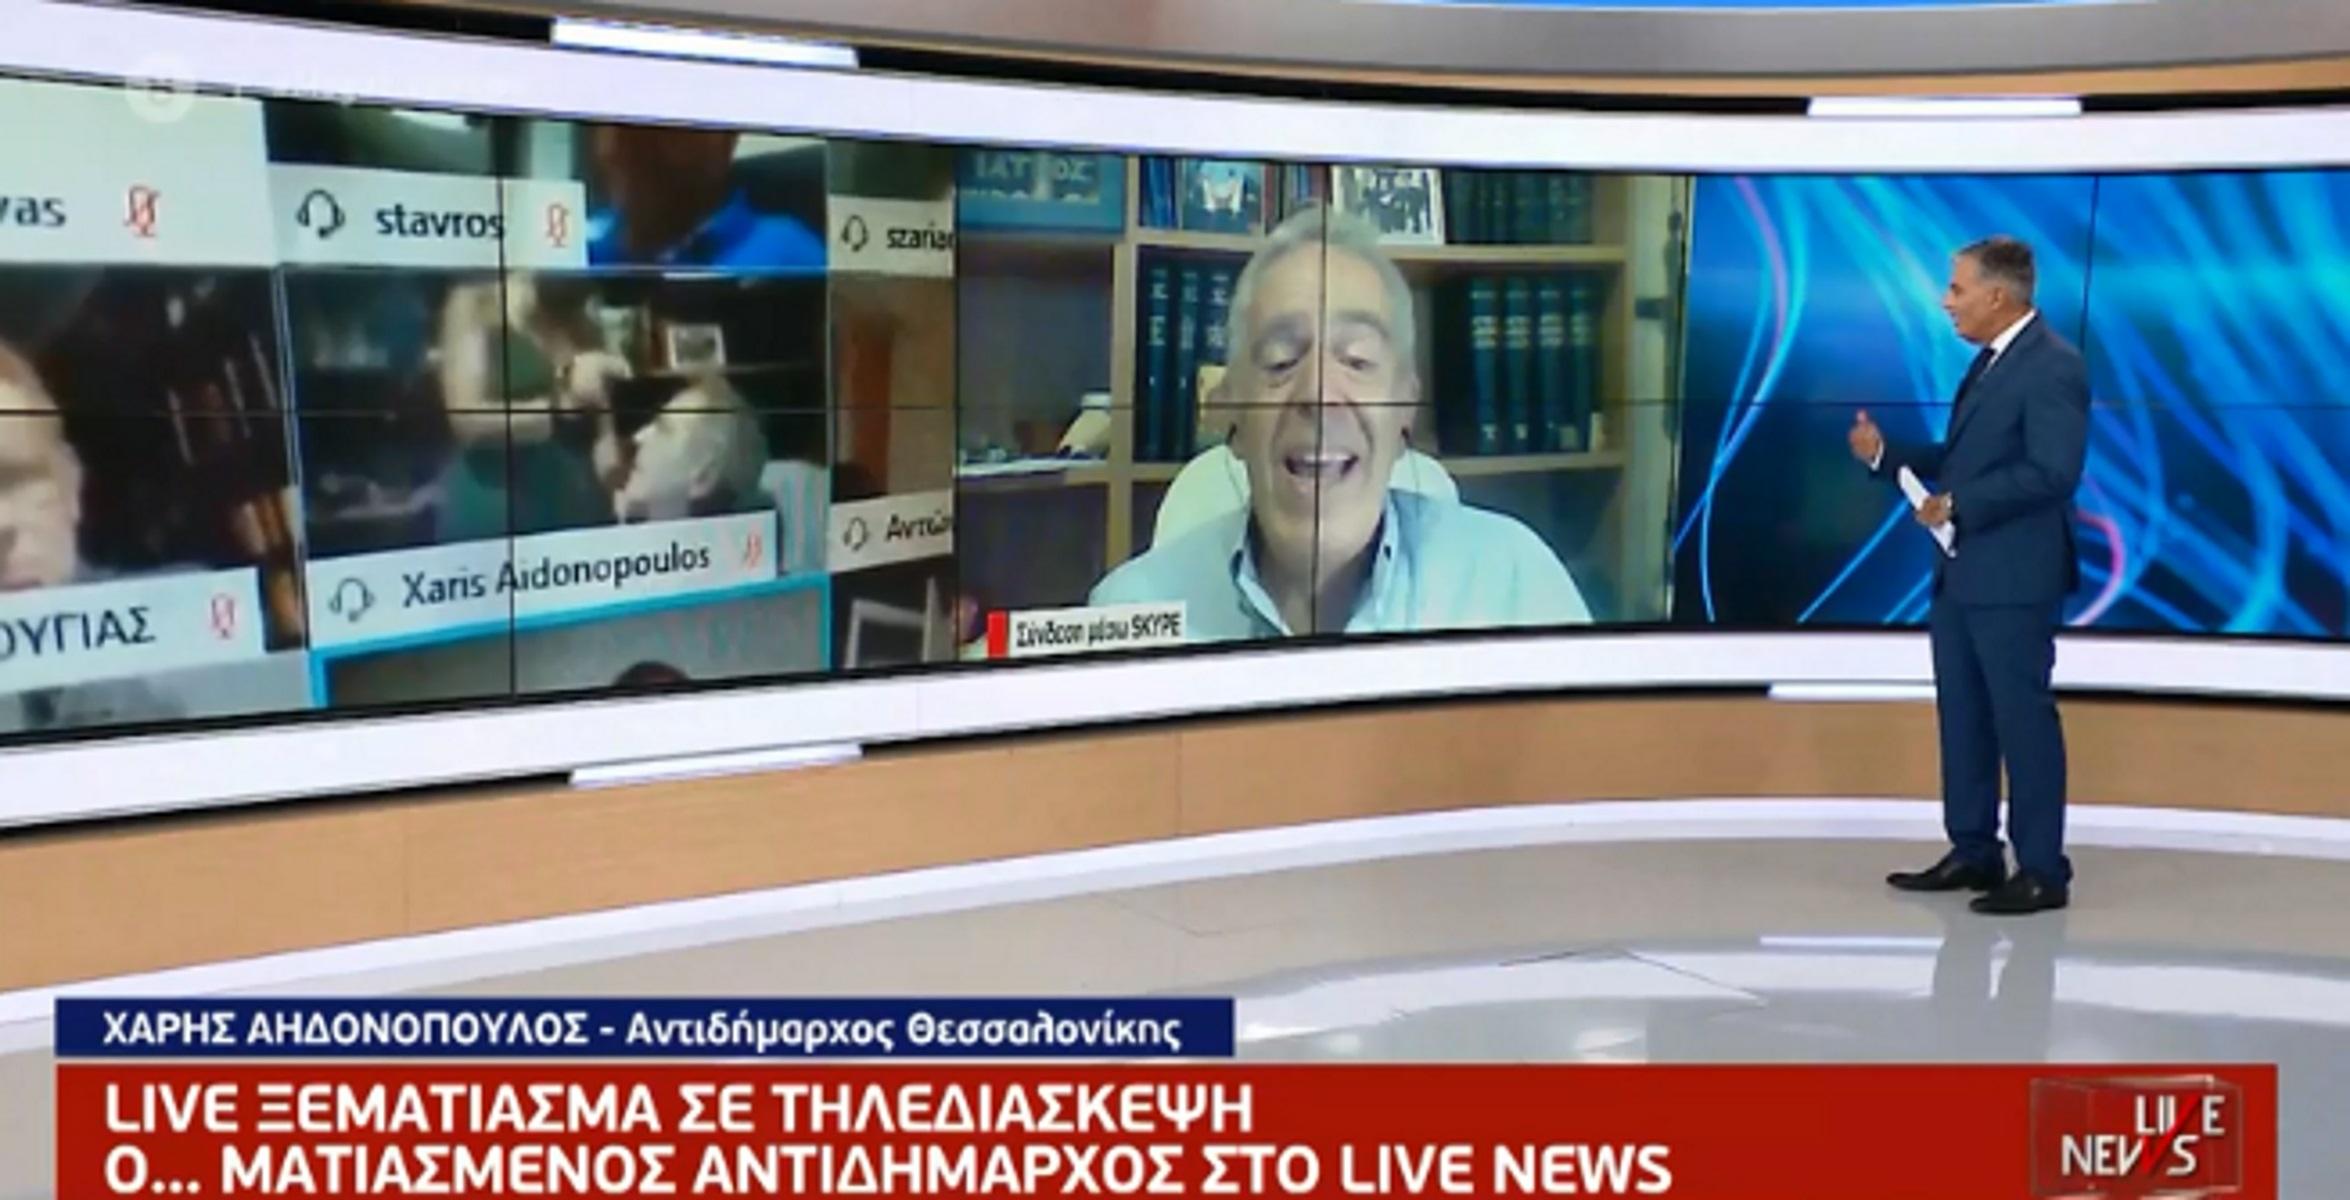 """Αντιδήμαρχος Θεσσαλονίκης για το ξεμάτιασμα: """"Δεν ξέχασα να κλείσω την κάμερα"""" (video)"""